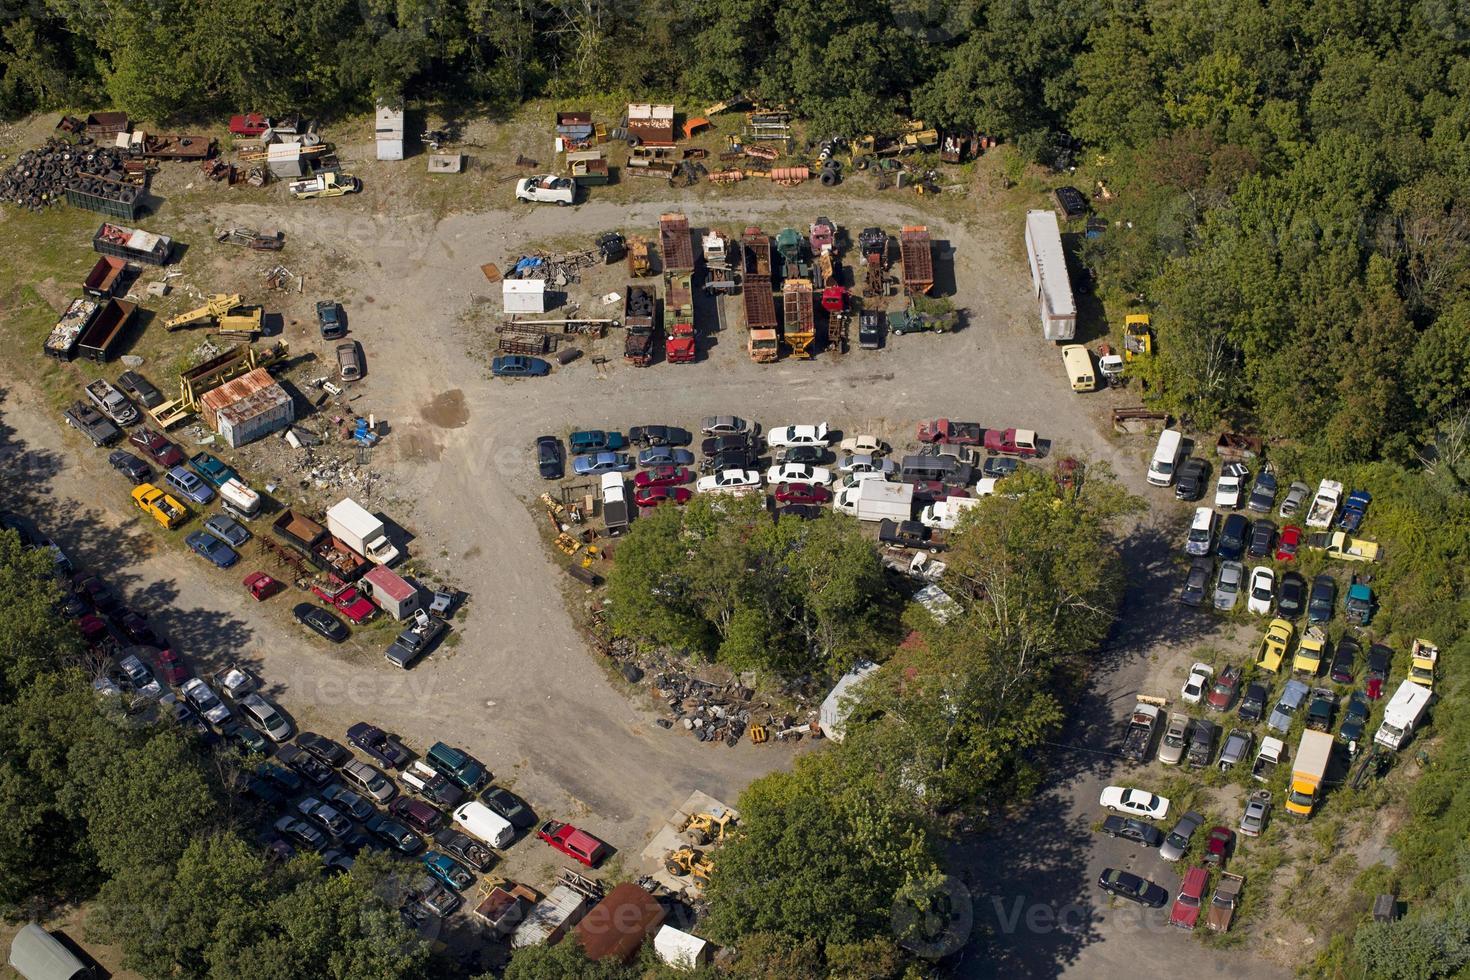 vista aérea del depósito de chatarra foto